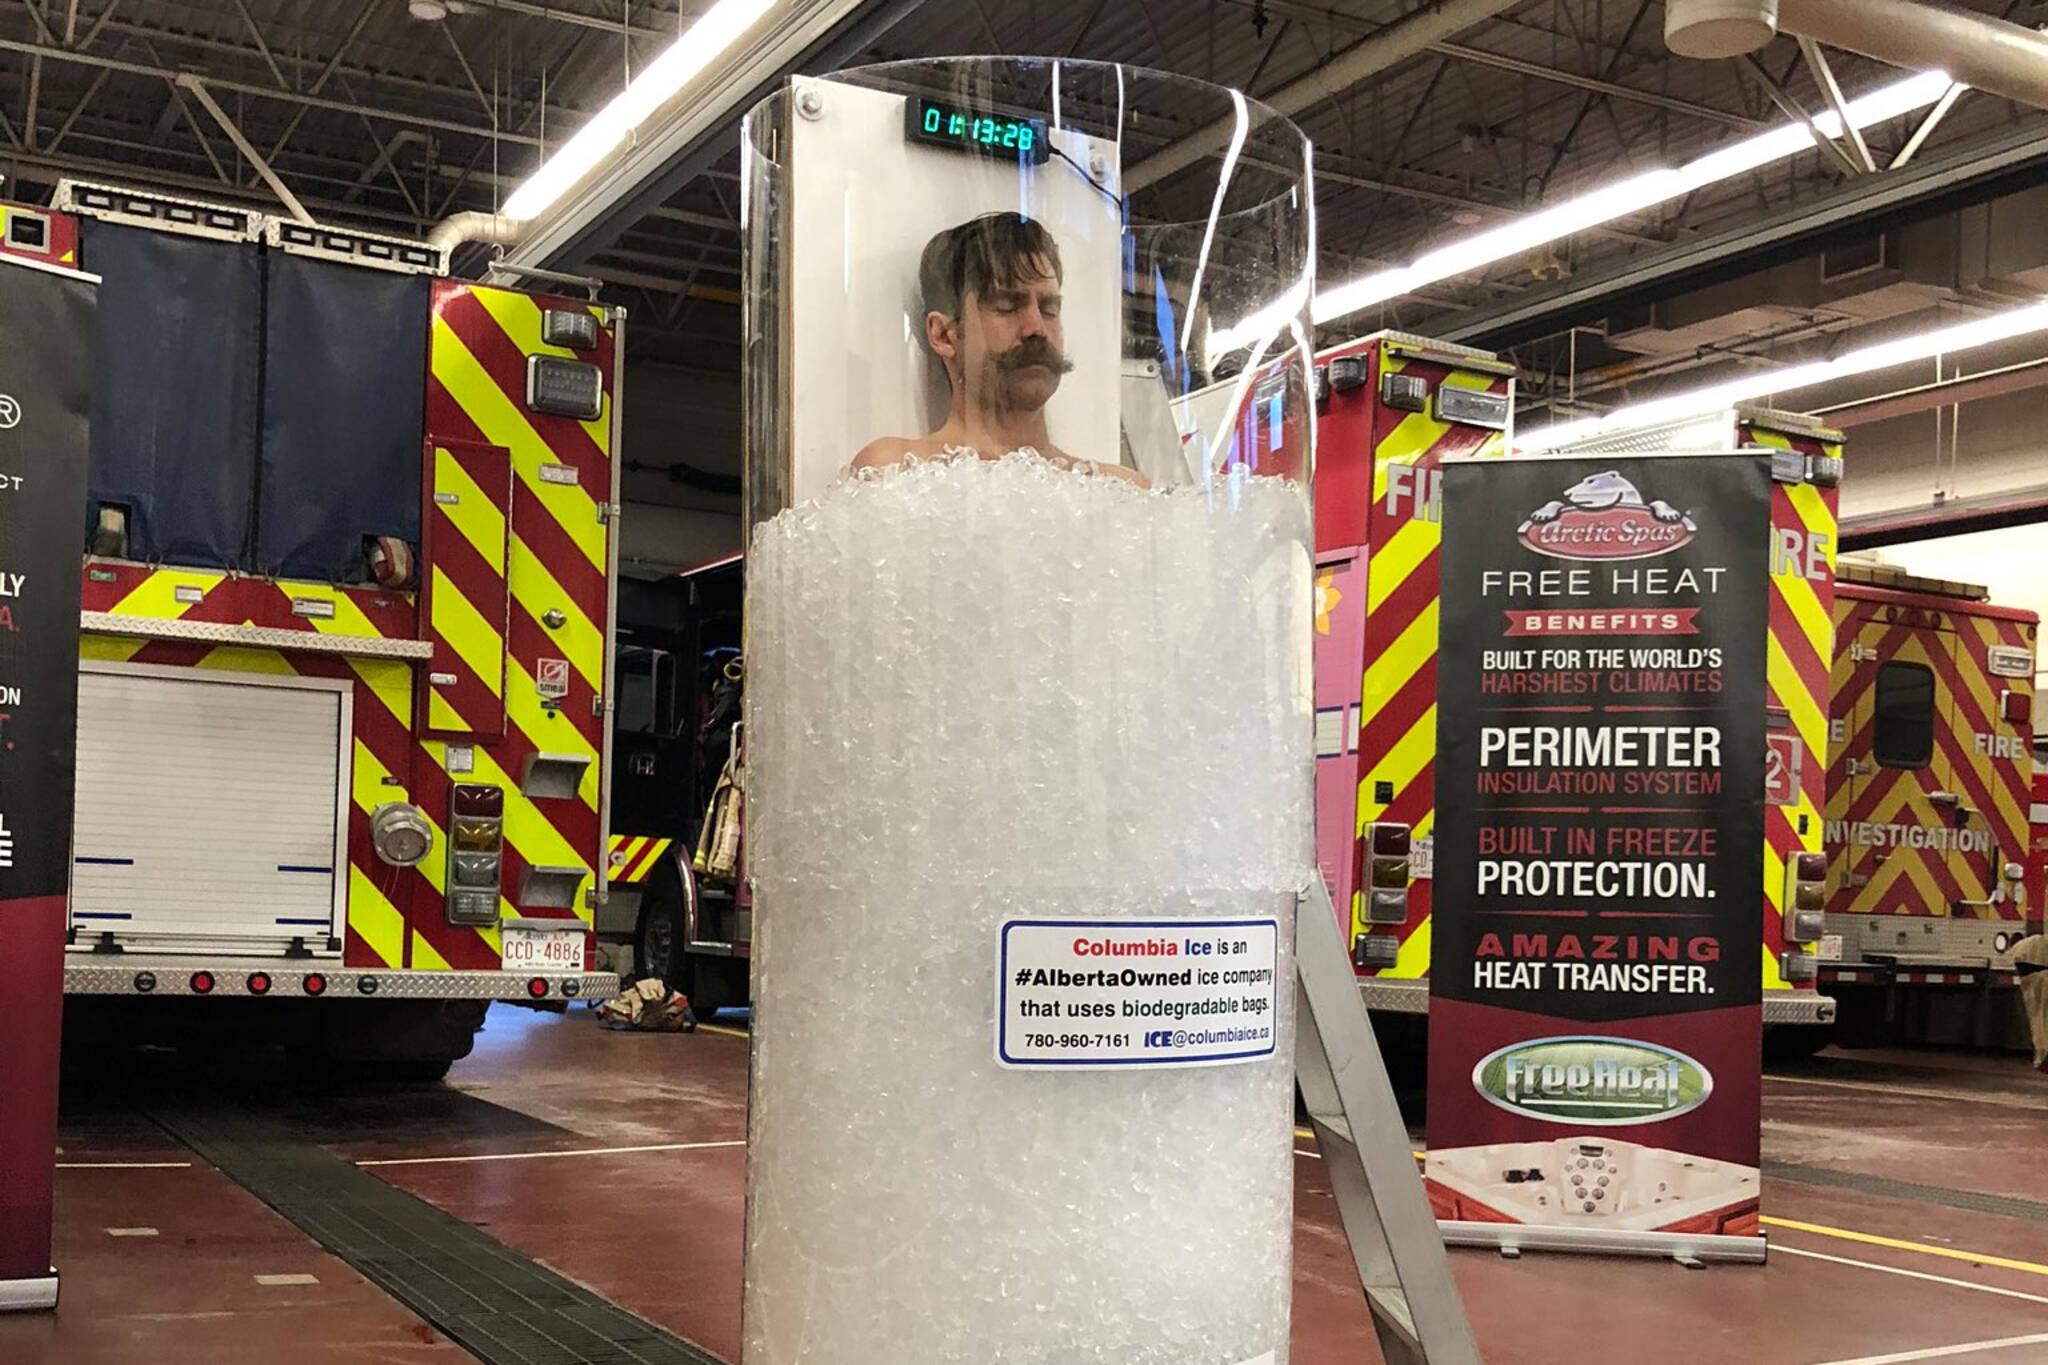 edmonton firefighter